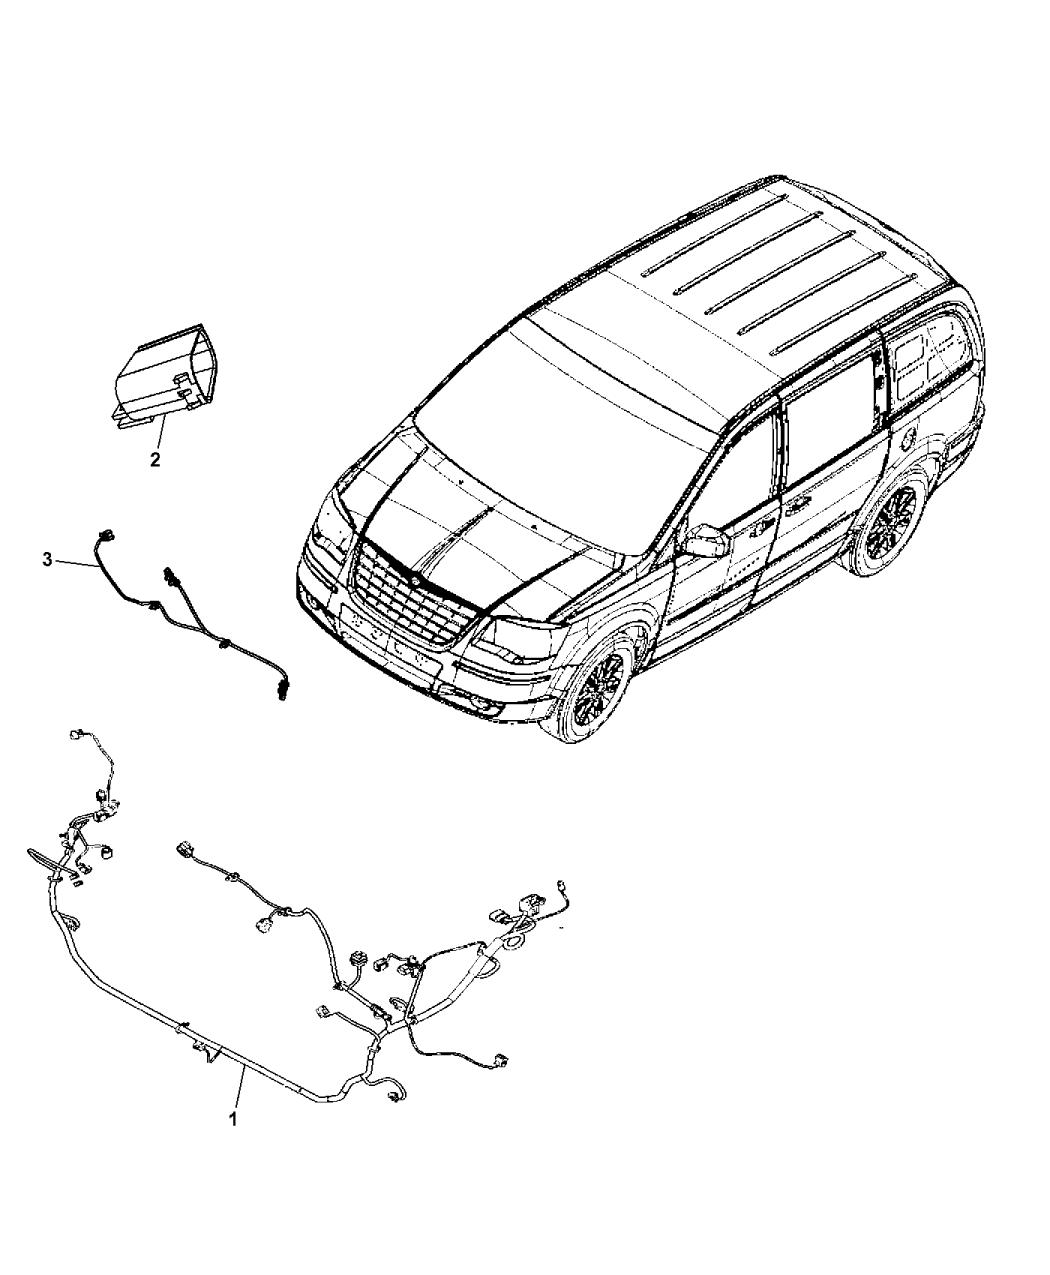 Chrysler Fog Light Wiring Diagram: Genuine Chrysler WIRING-HEADLAMP